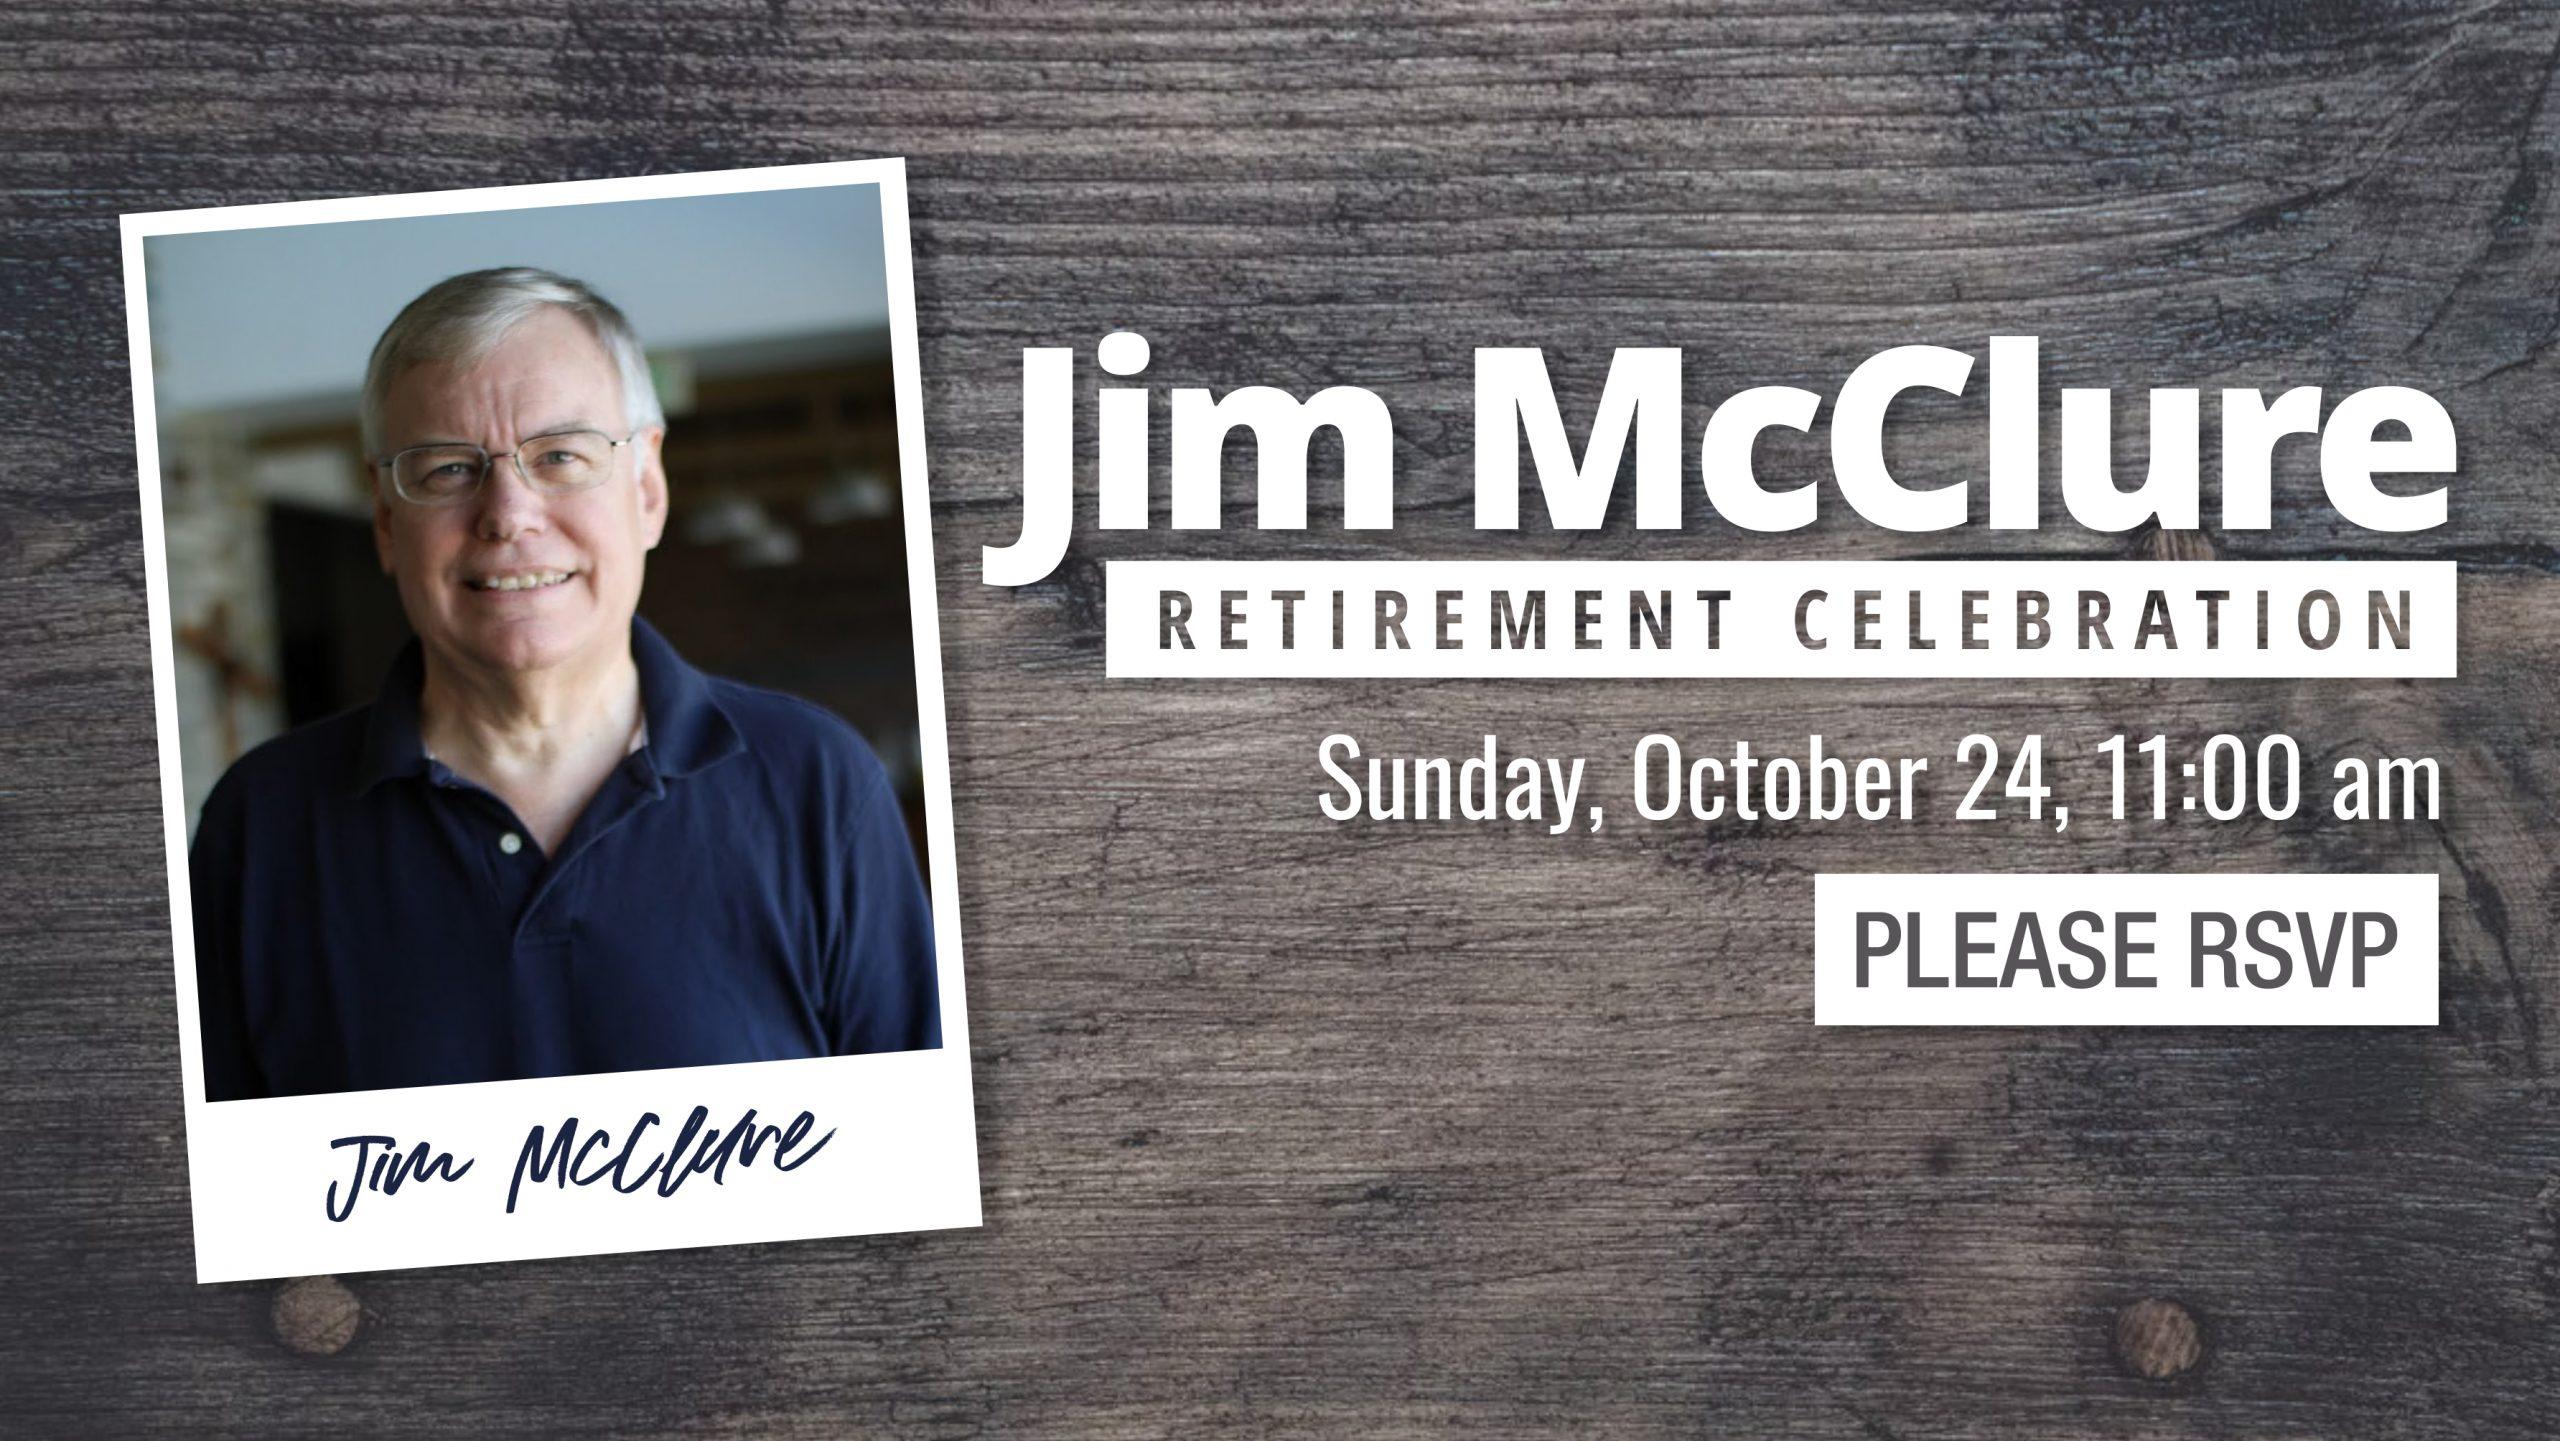 Jim McClure Retirement